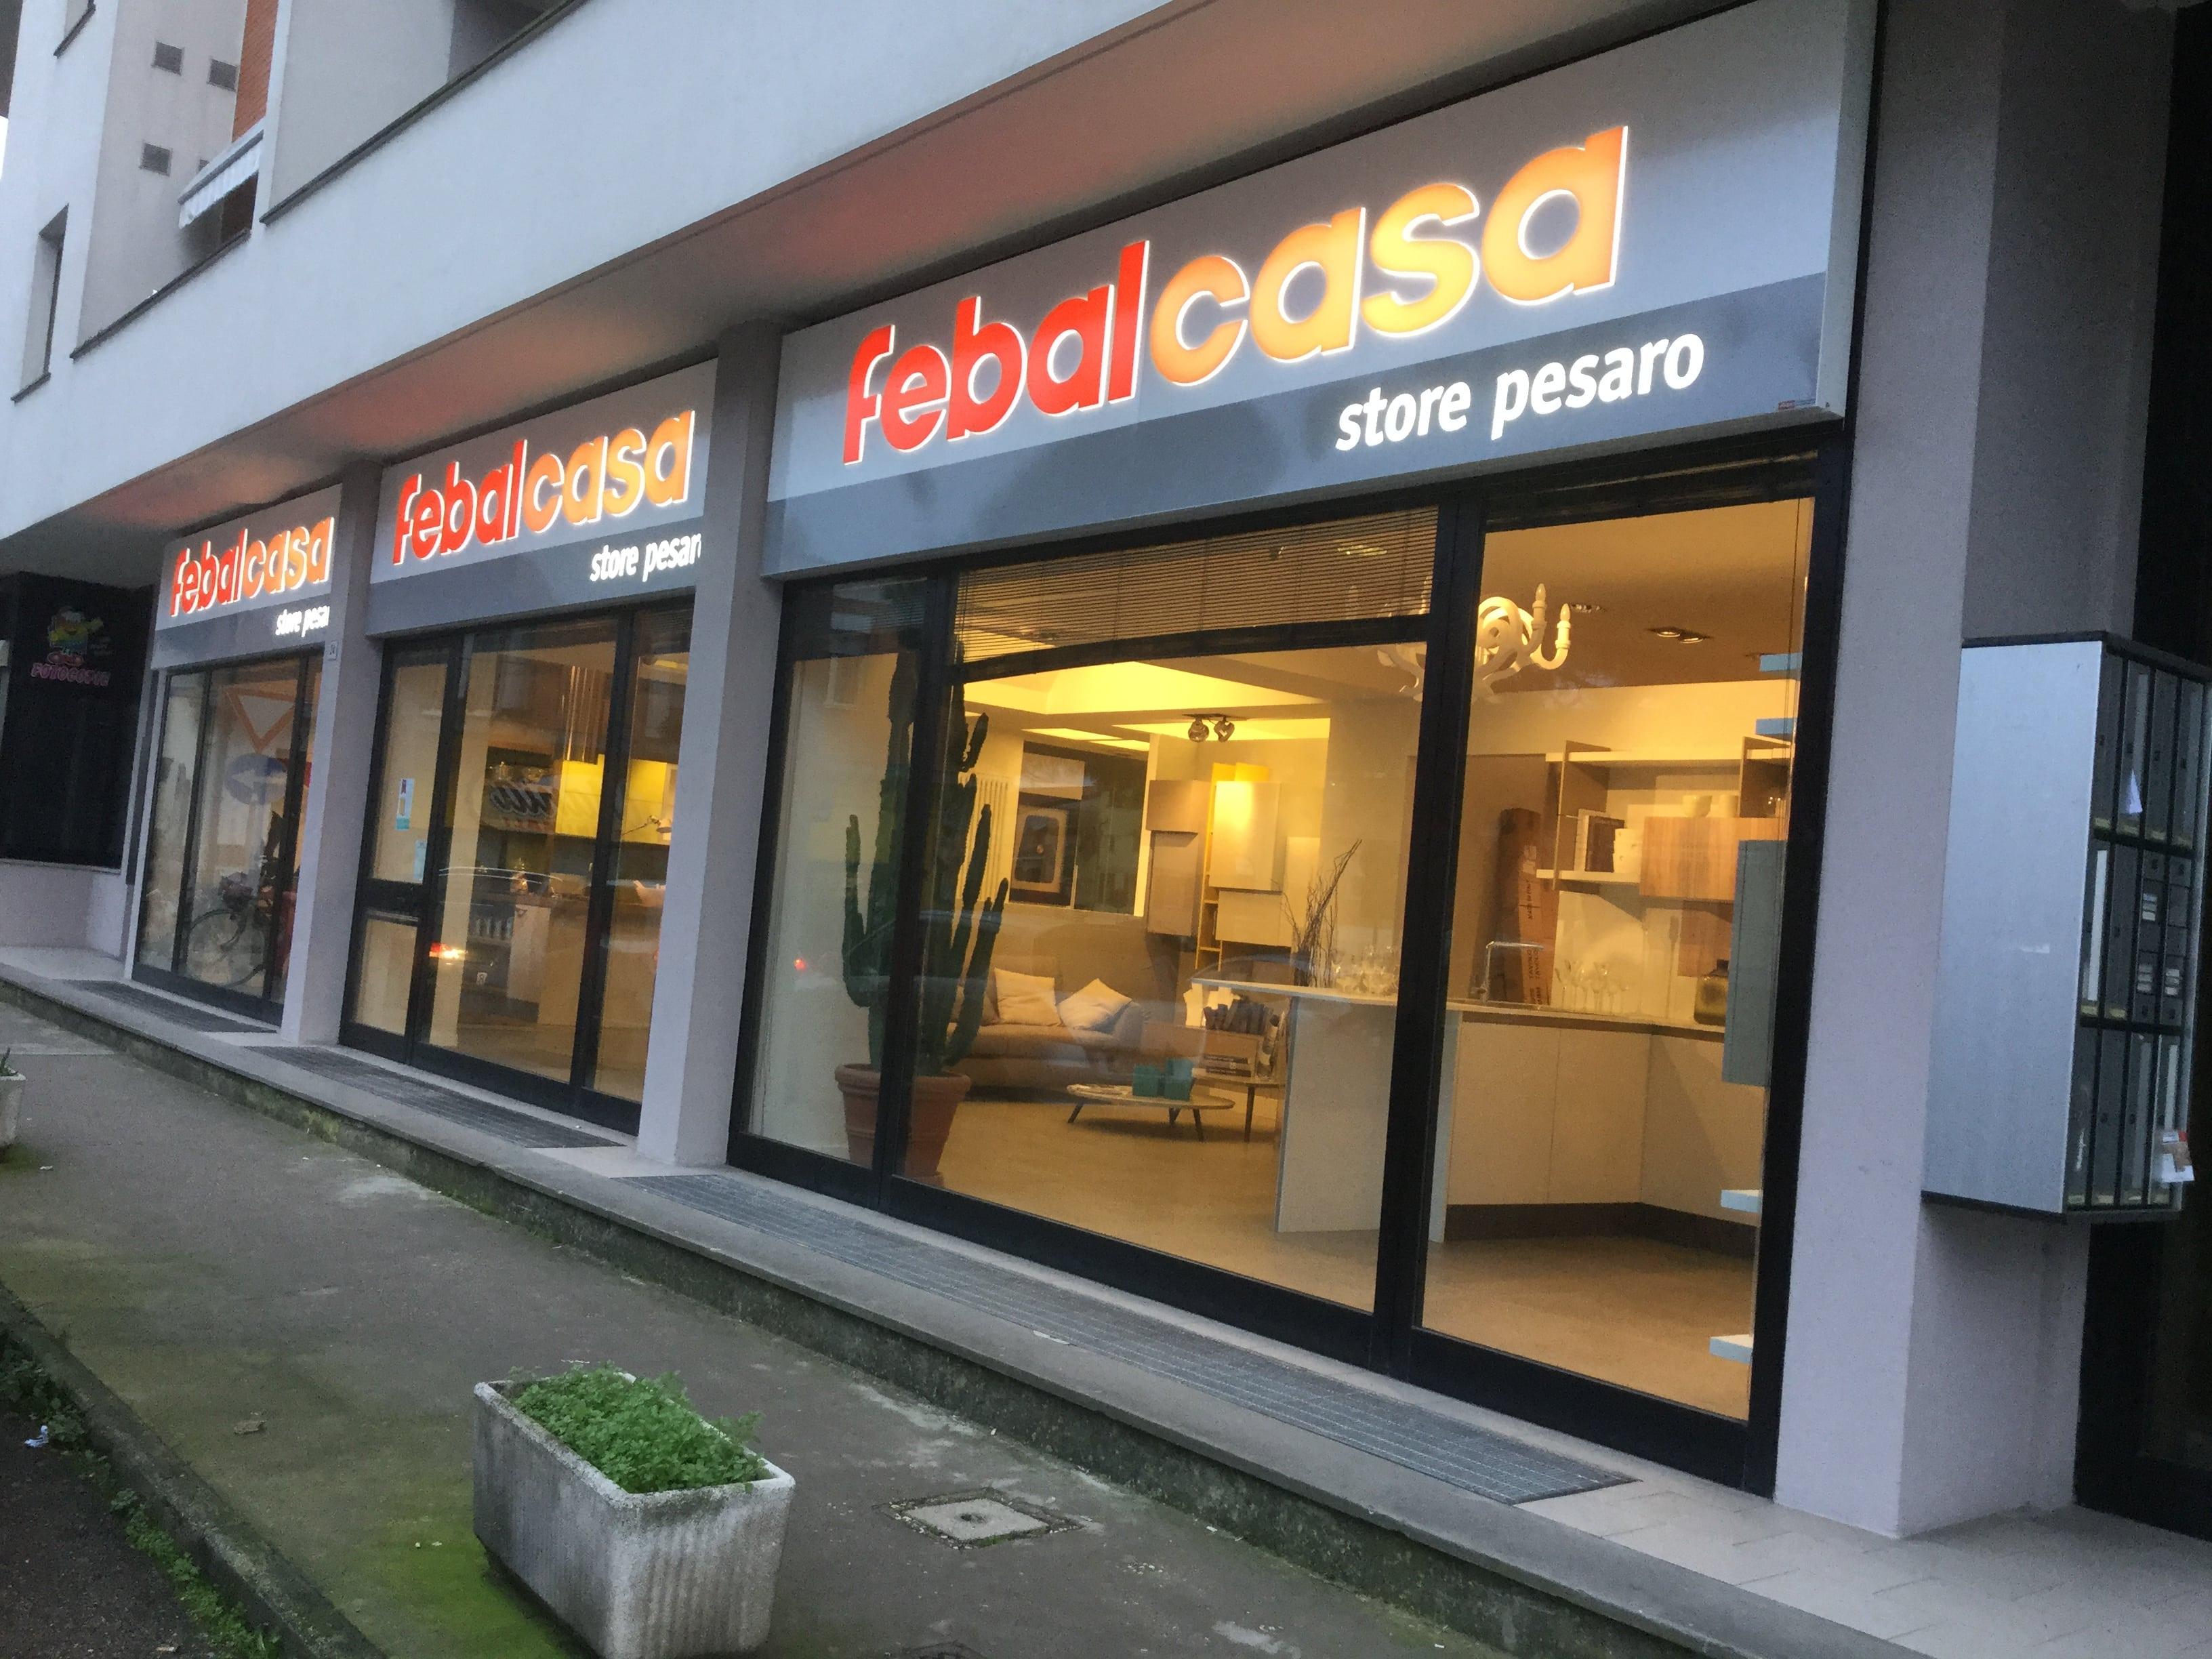 Febal Casa Hd s.r.l.